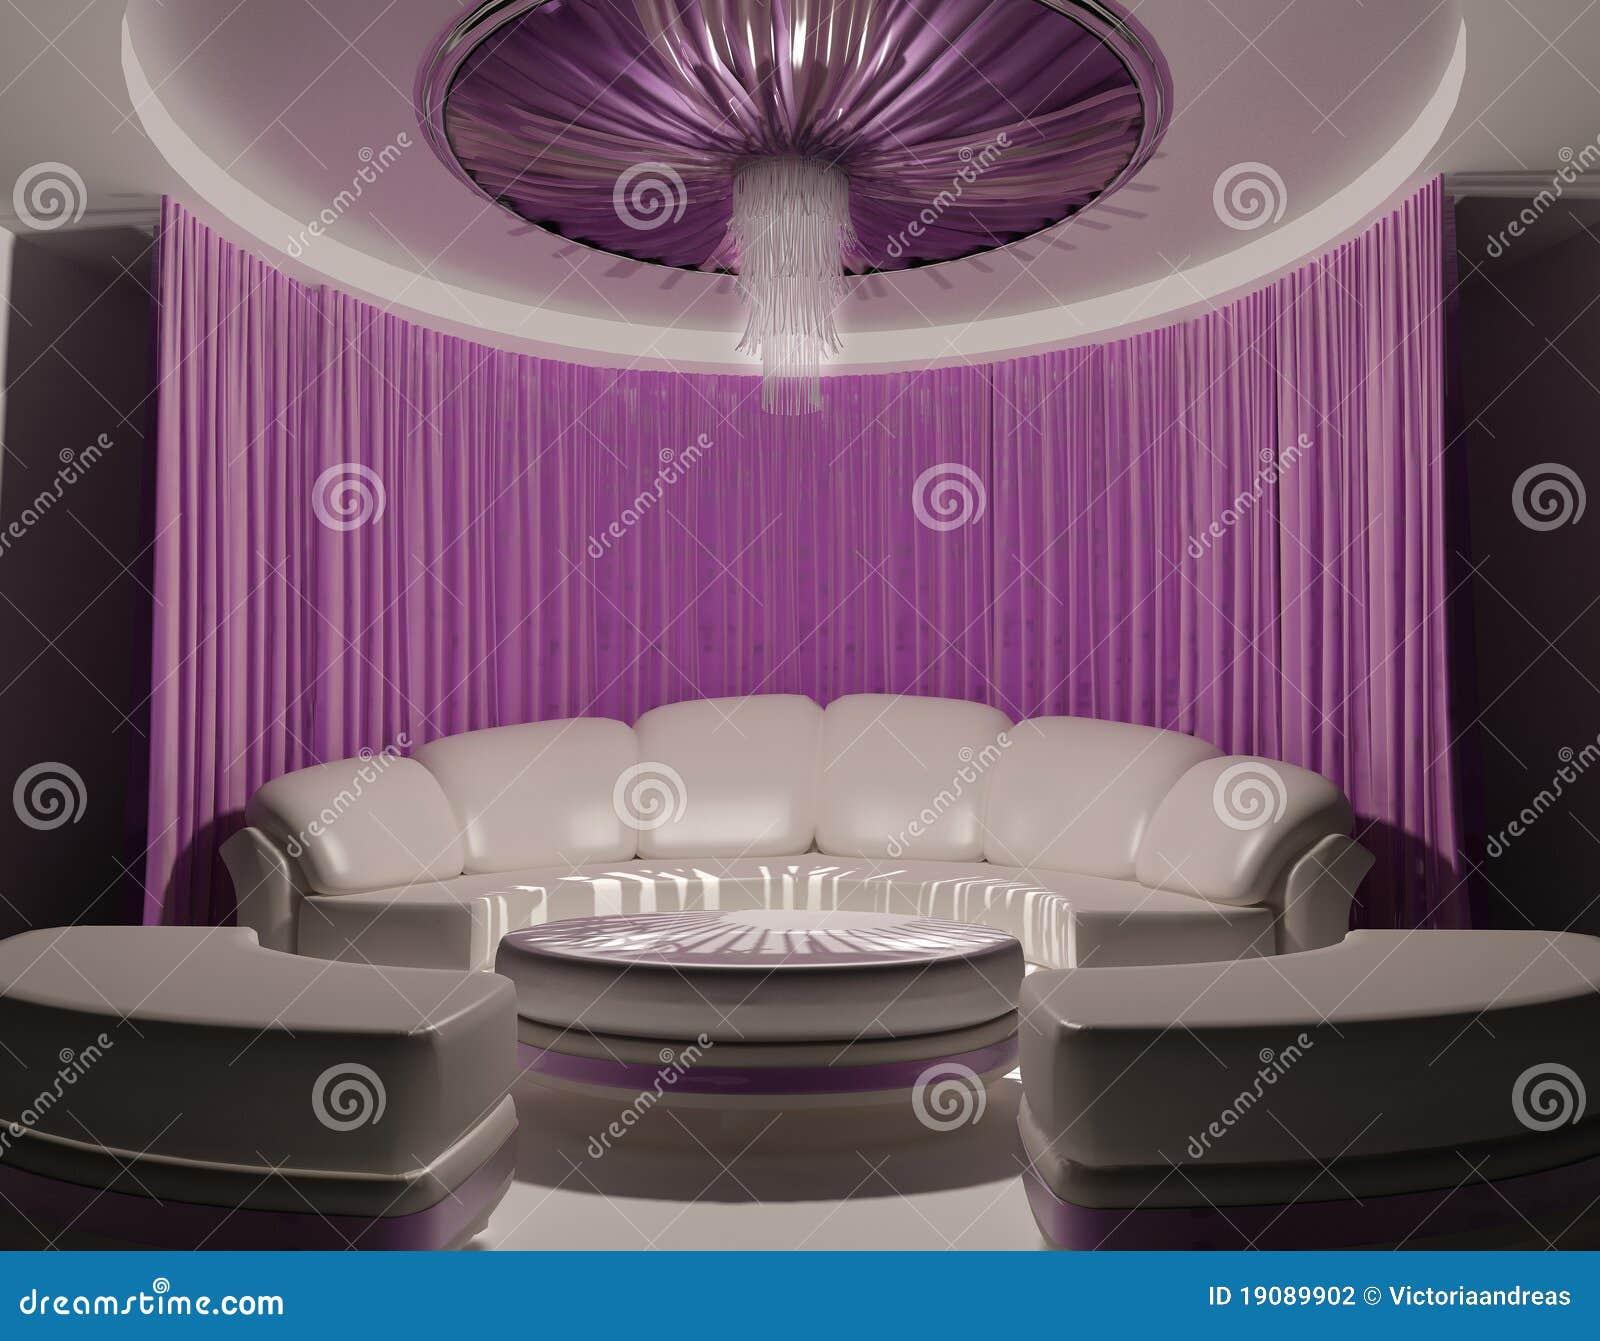 Rideau sur le plafond et sofa dans l 39 int rieur de luxe for Rideau interieur